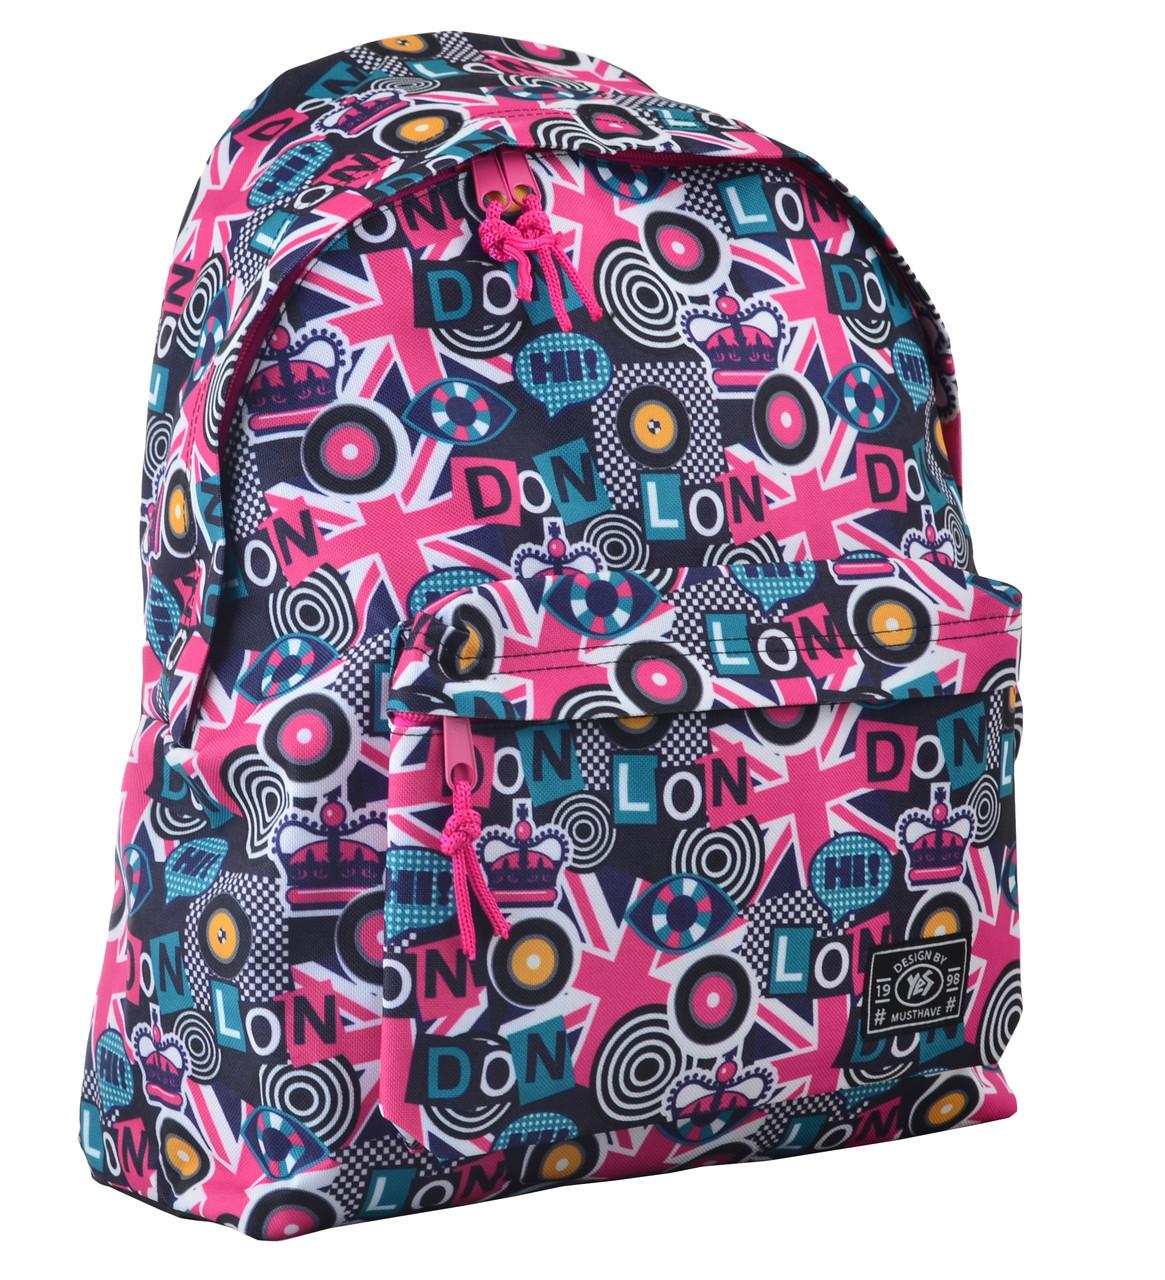 Рюкзак підлітковий ST-17 Crazy London, 42*32*12